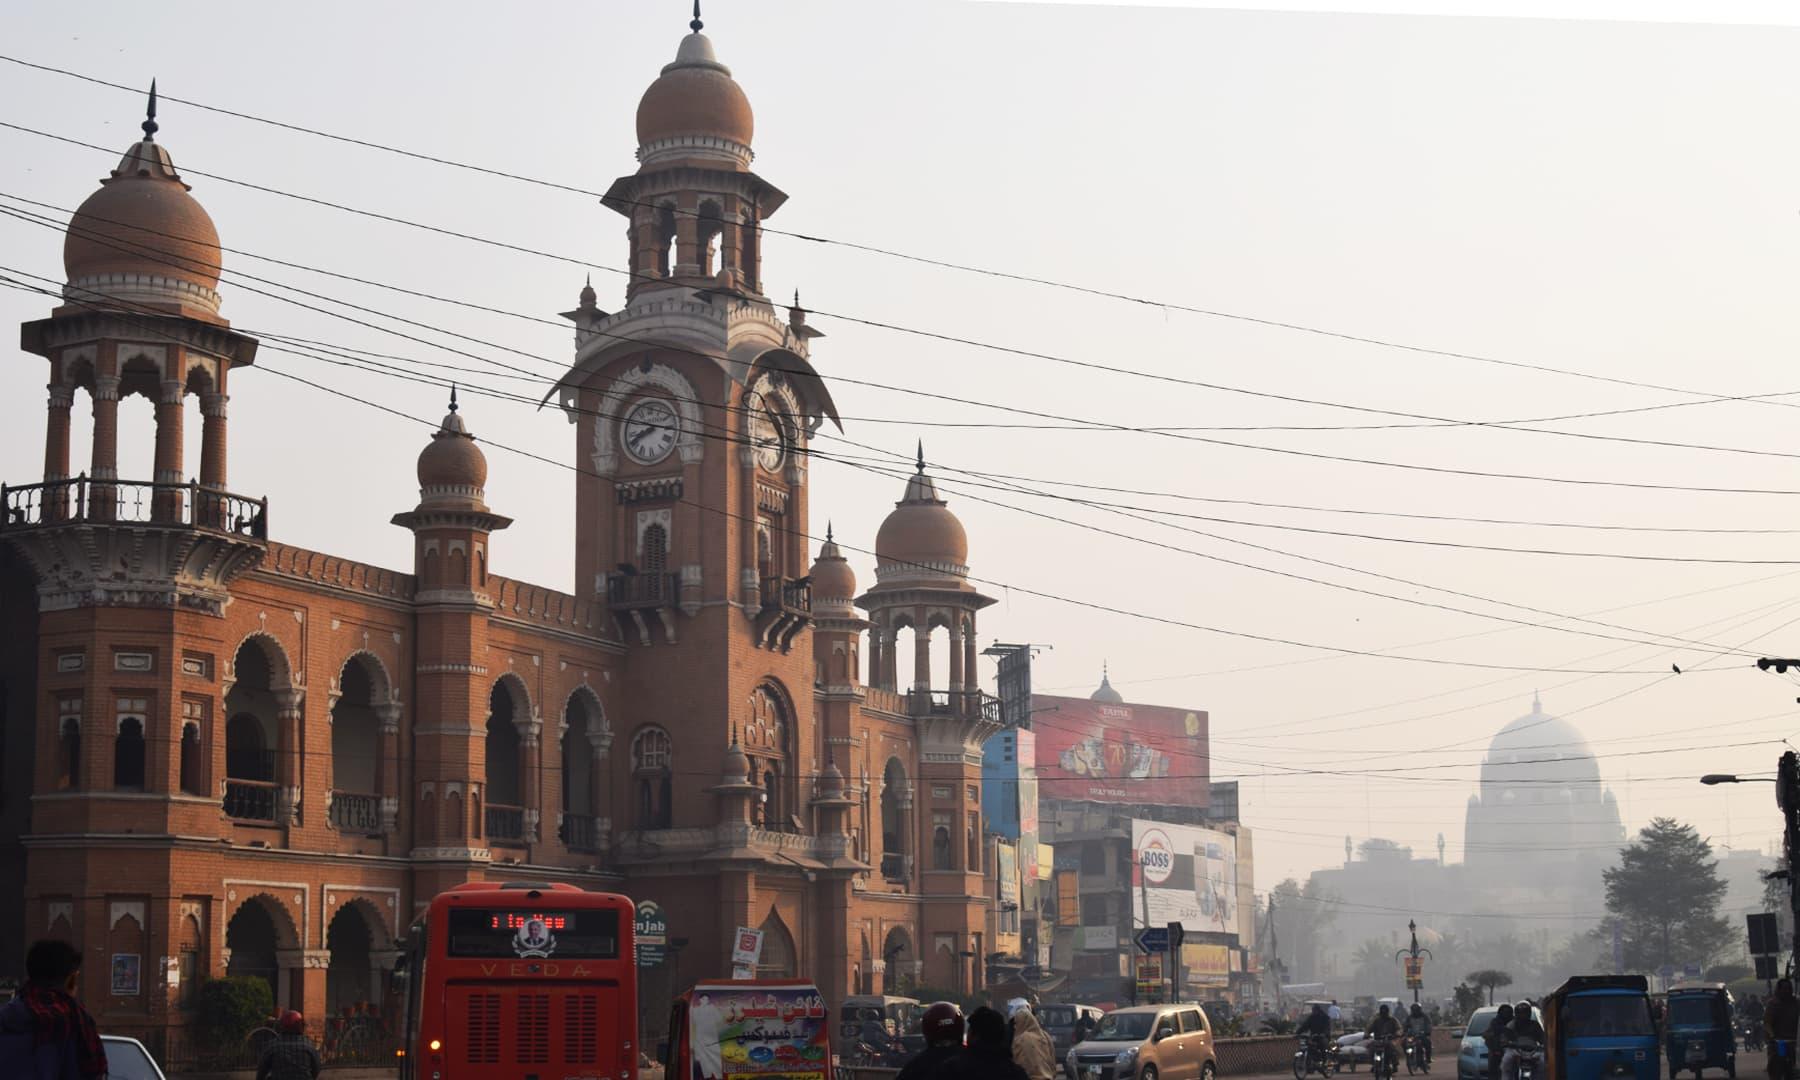 تاریخی عجائب گھر ملتان شہر کے حسن کو دوبالا کرتا ہے—تصویر عظمت اکبر